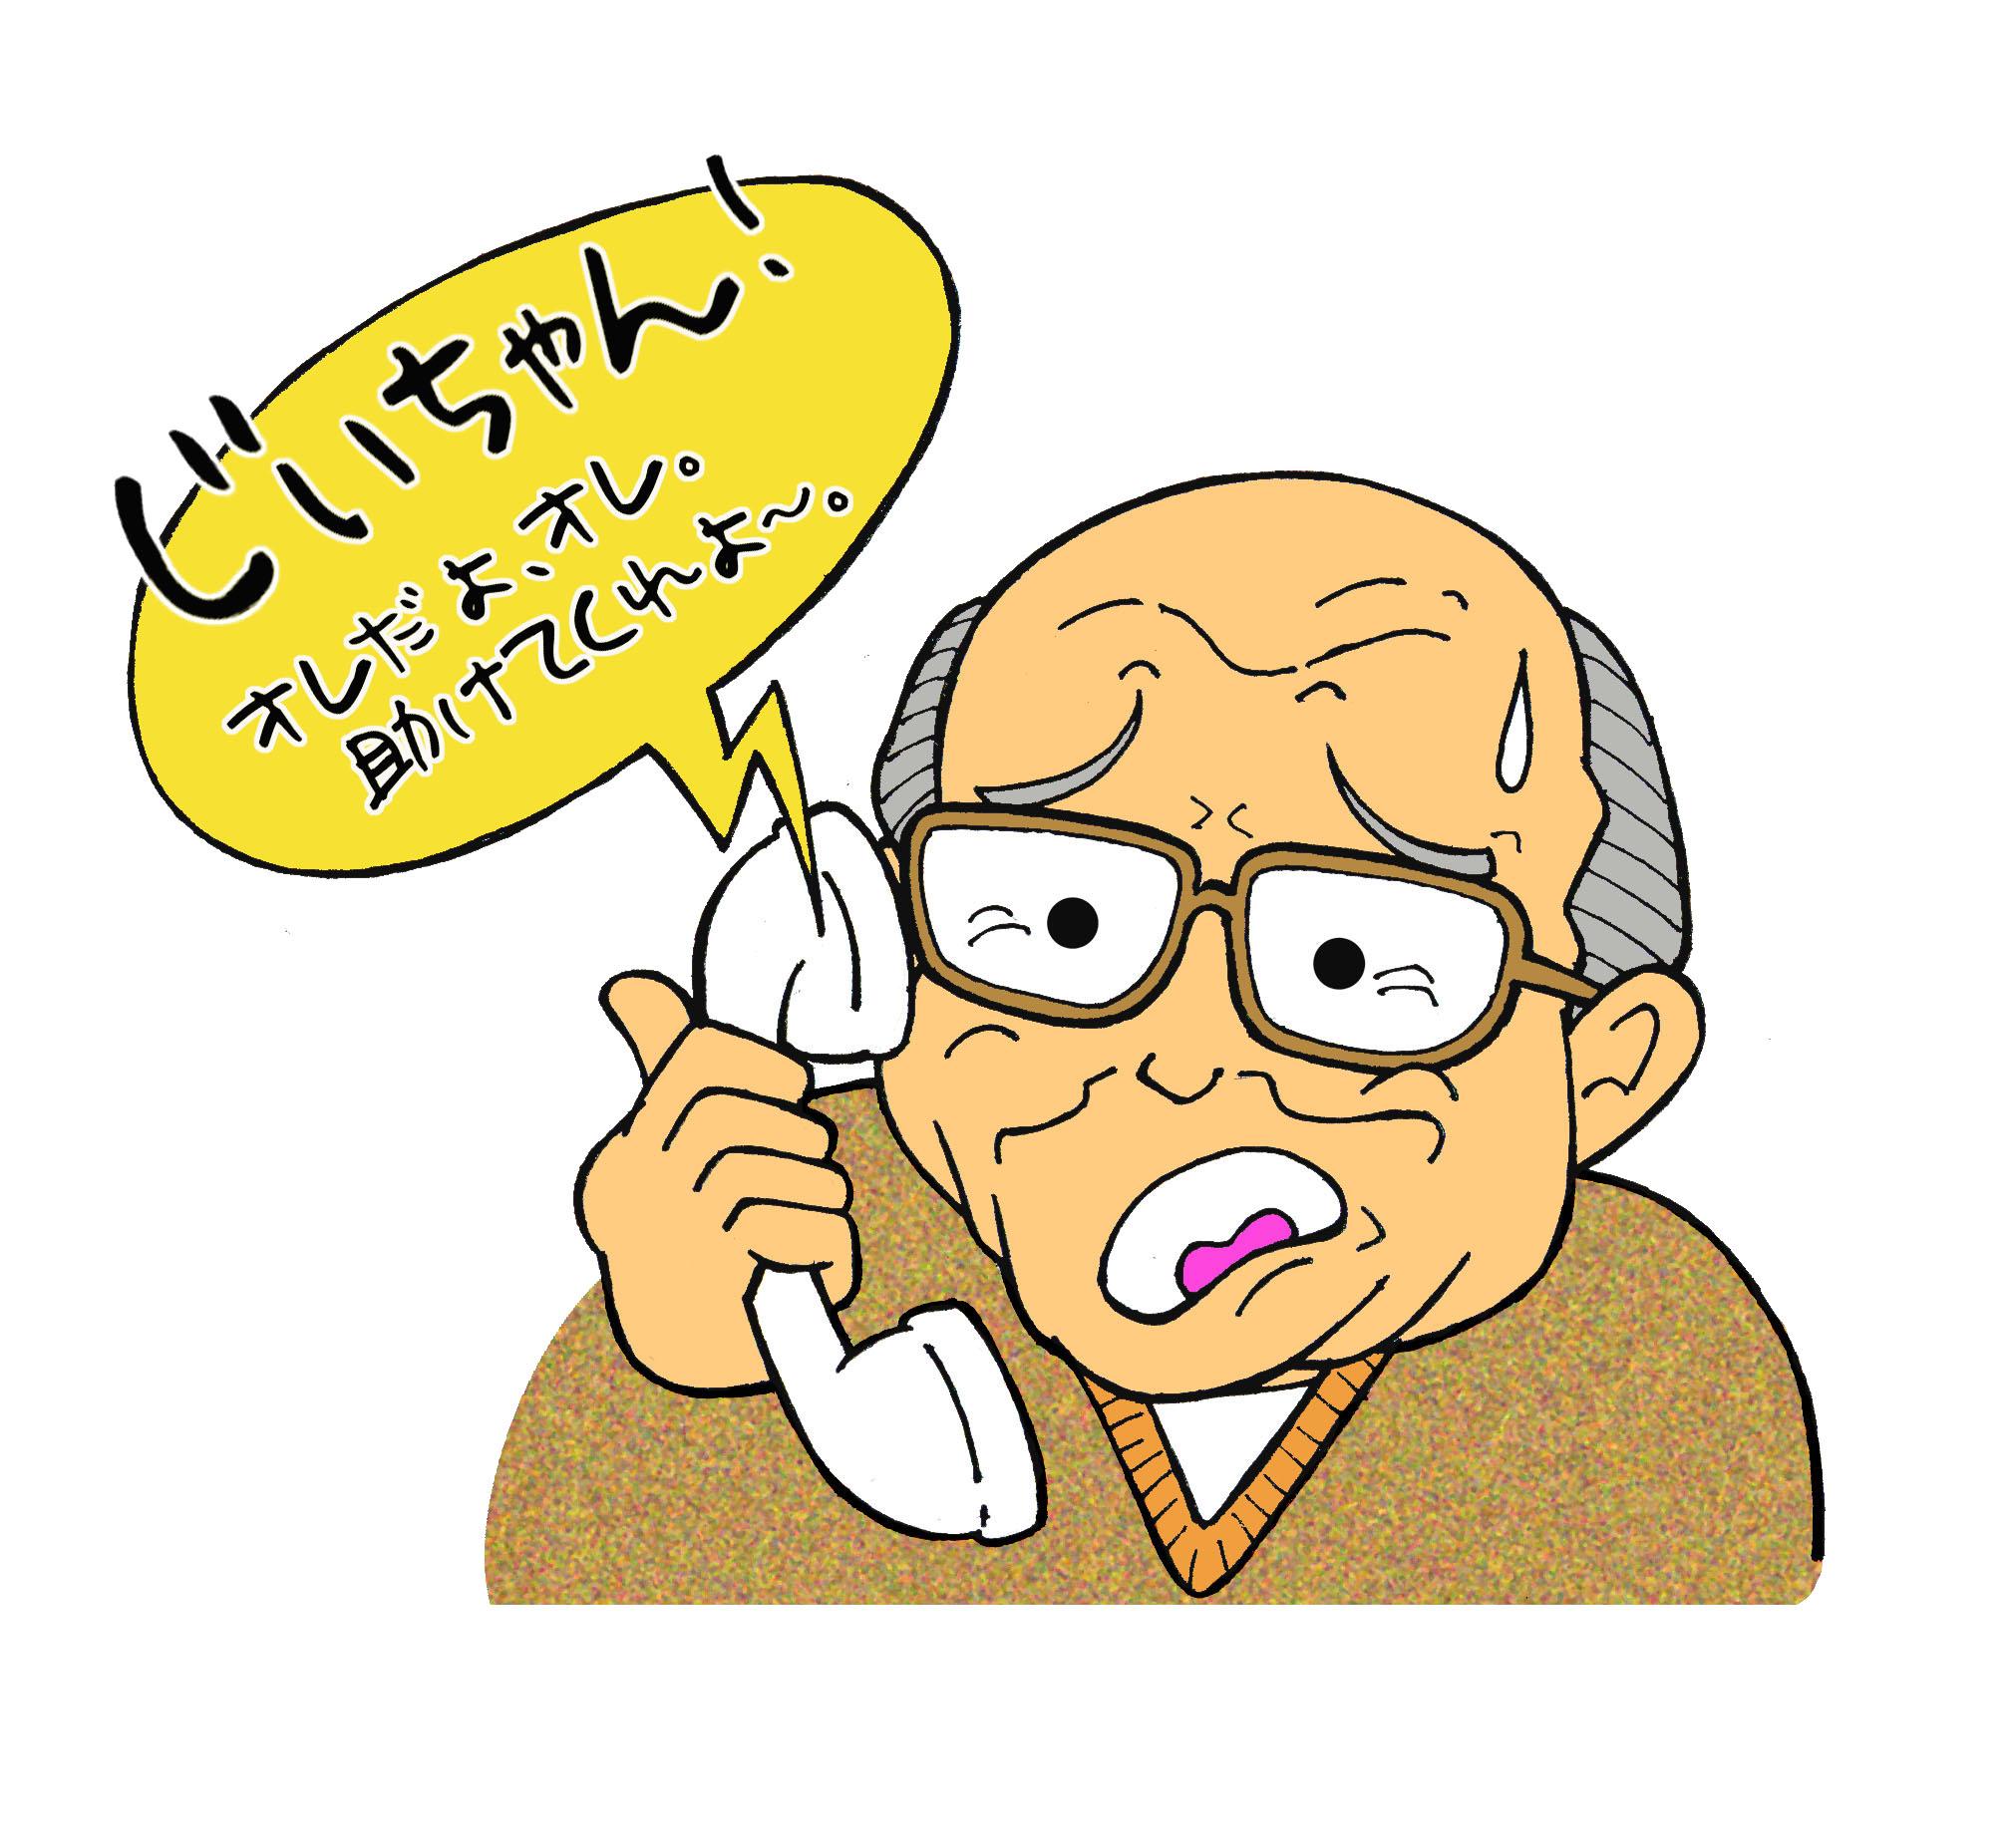 振り込め詐欺にご用心!!!